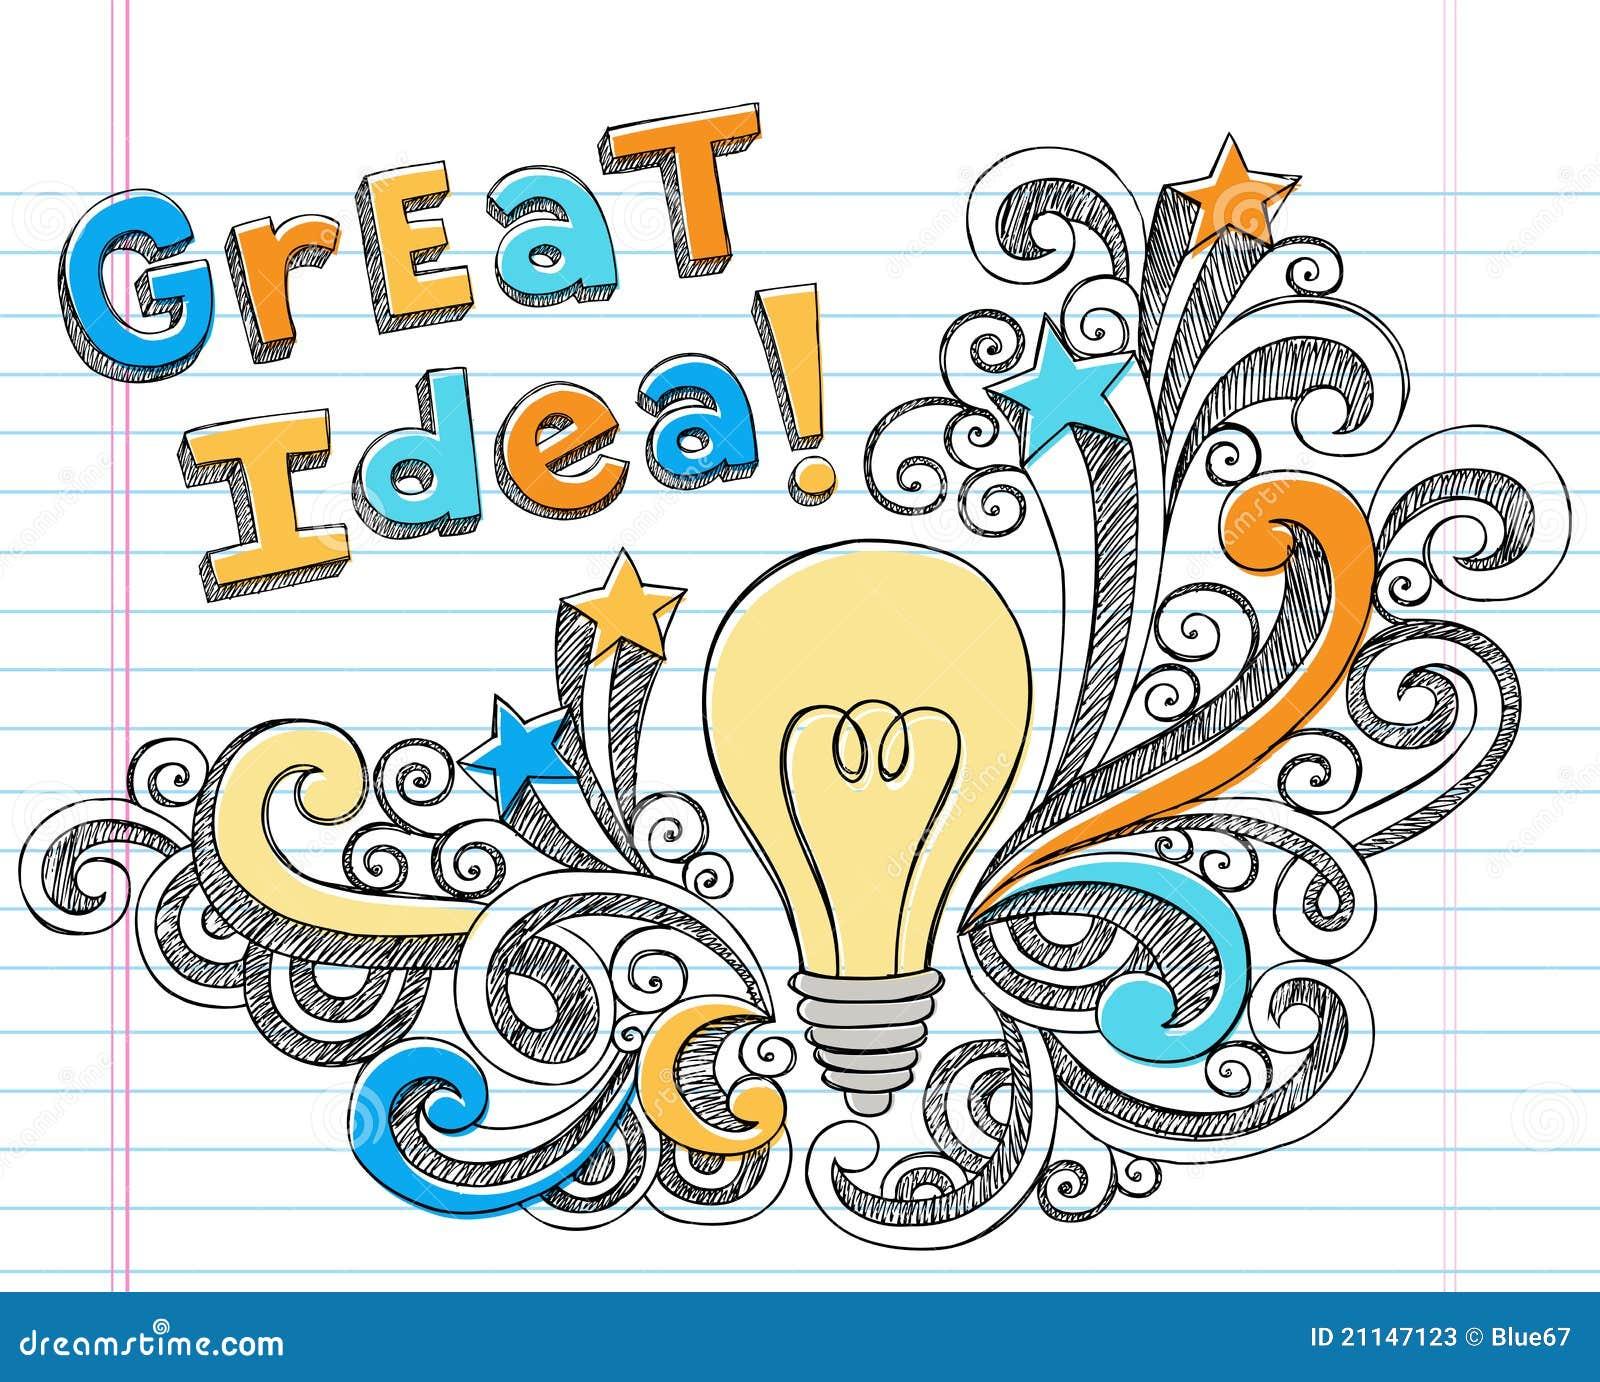 Krabbels van het idee van de gloeilamp hand drawn schetsmatige vector illustratie afbeelding - Idee van eerlijke lay outs ...